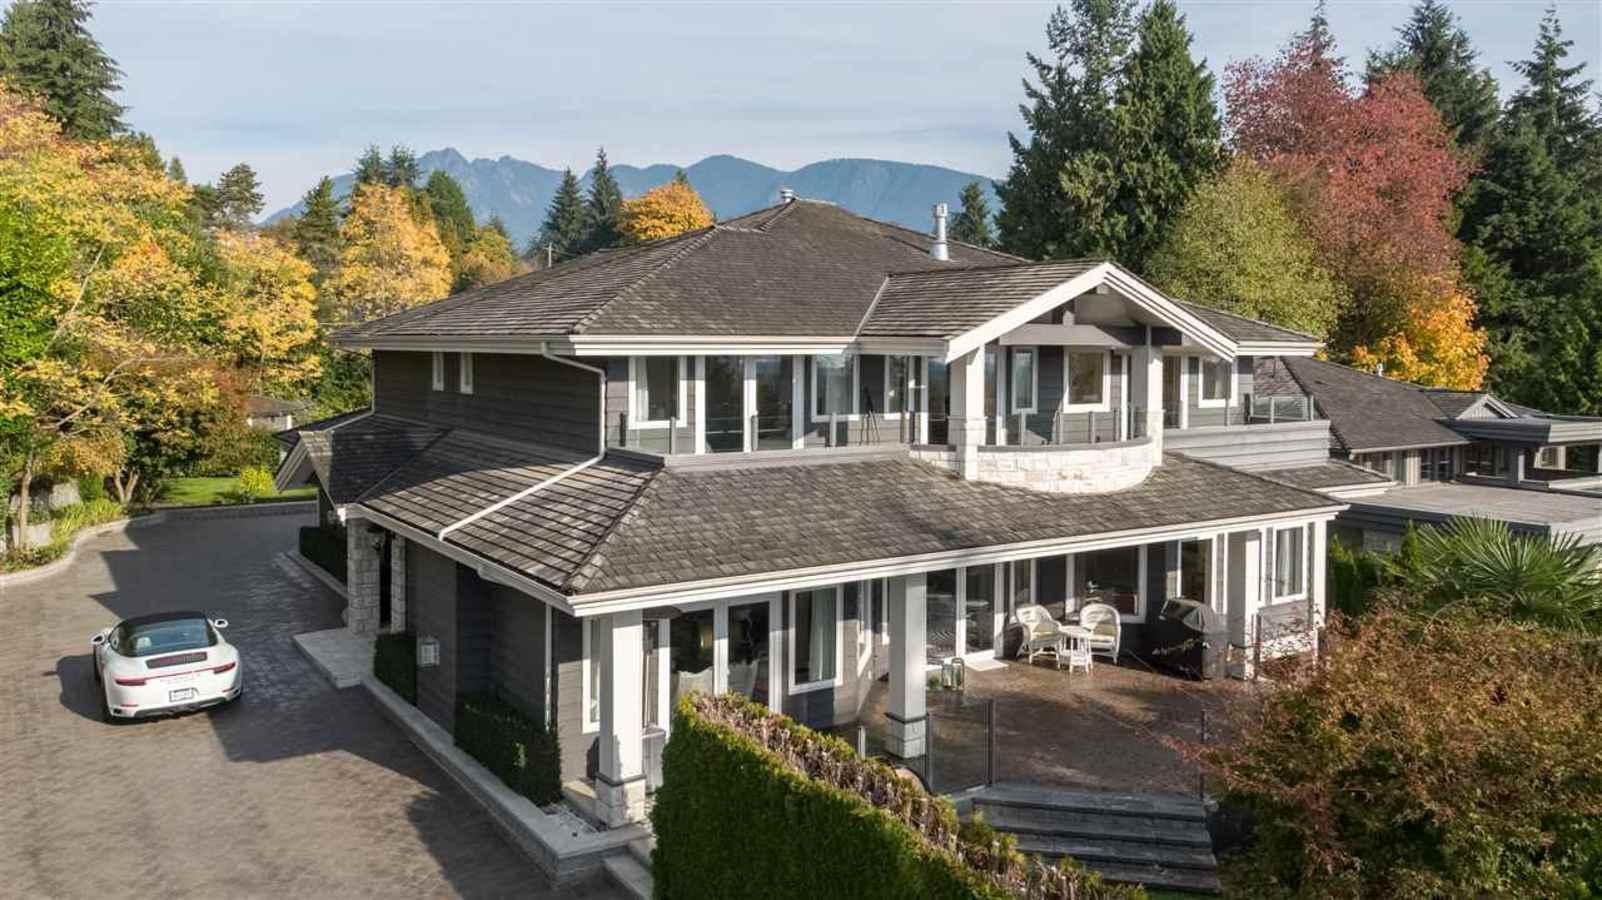 785-esquimalt-avenue-sentinel-hill-west-vancouver-19 at 785 Esquimalt Avenue, Sentinel Hill, West Vancouver